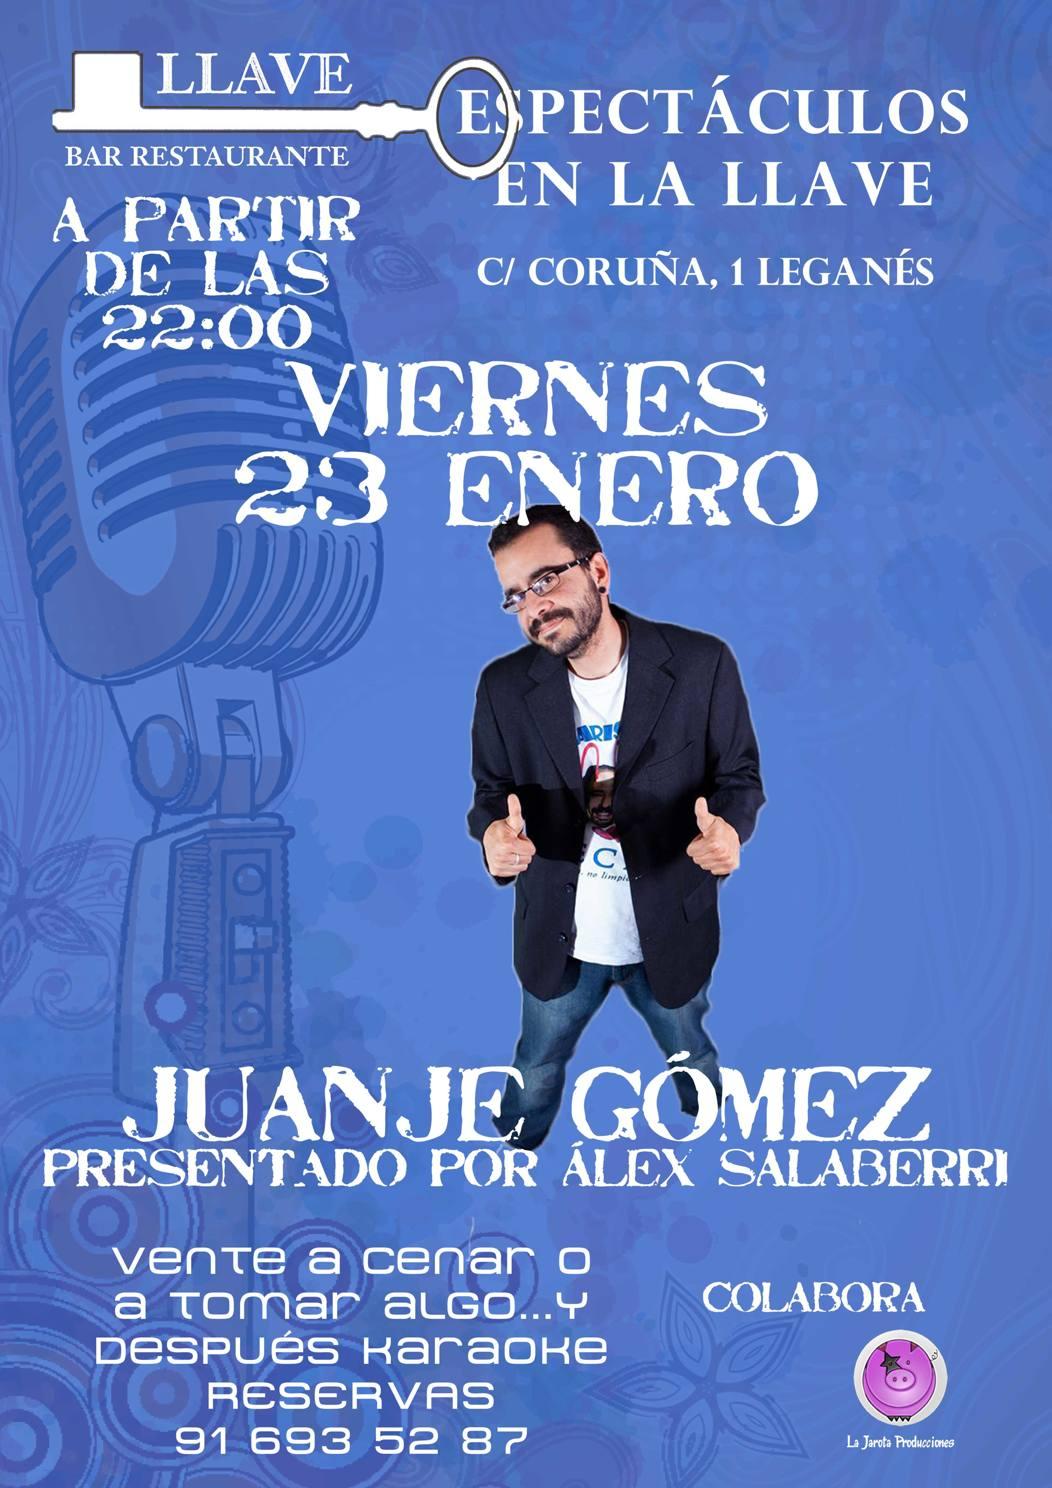 ¡¡¡Juanje Gómez en Restaurante La Llave!!!